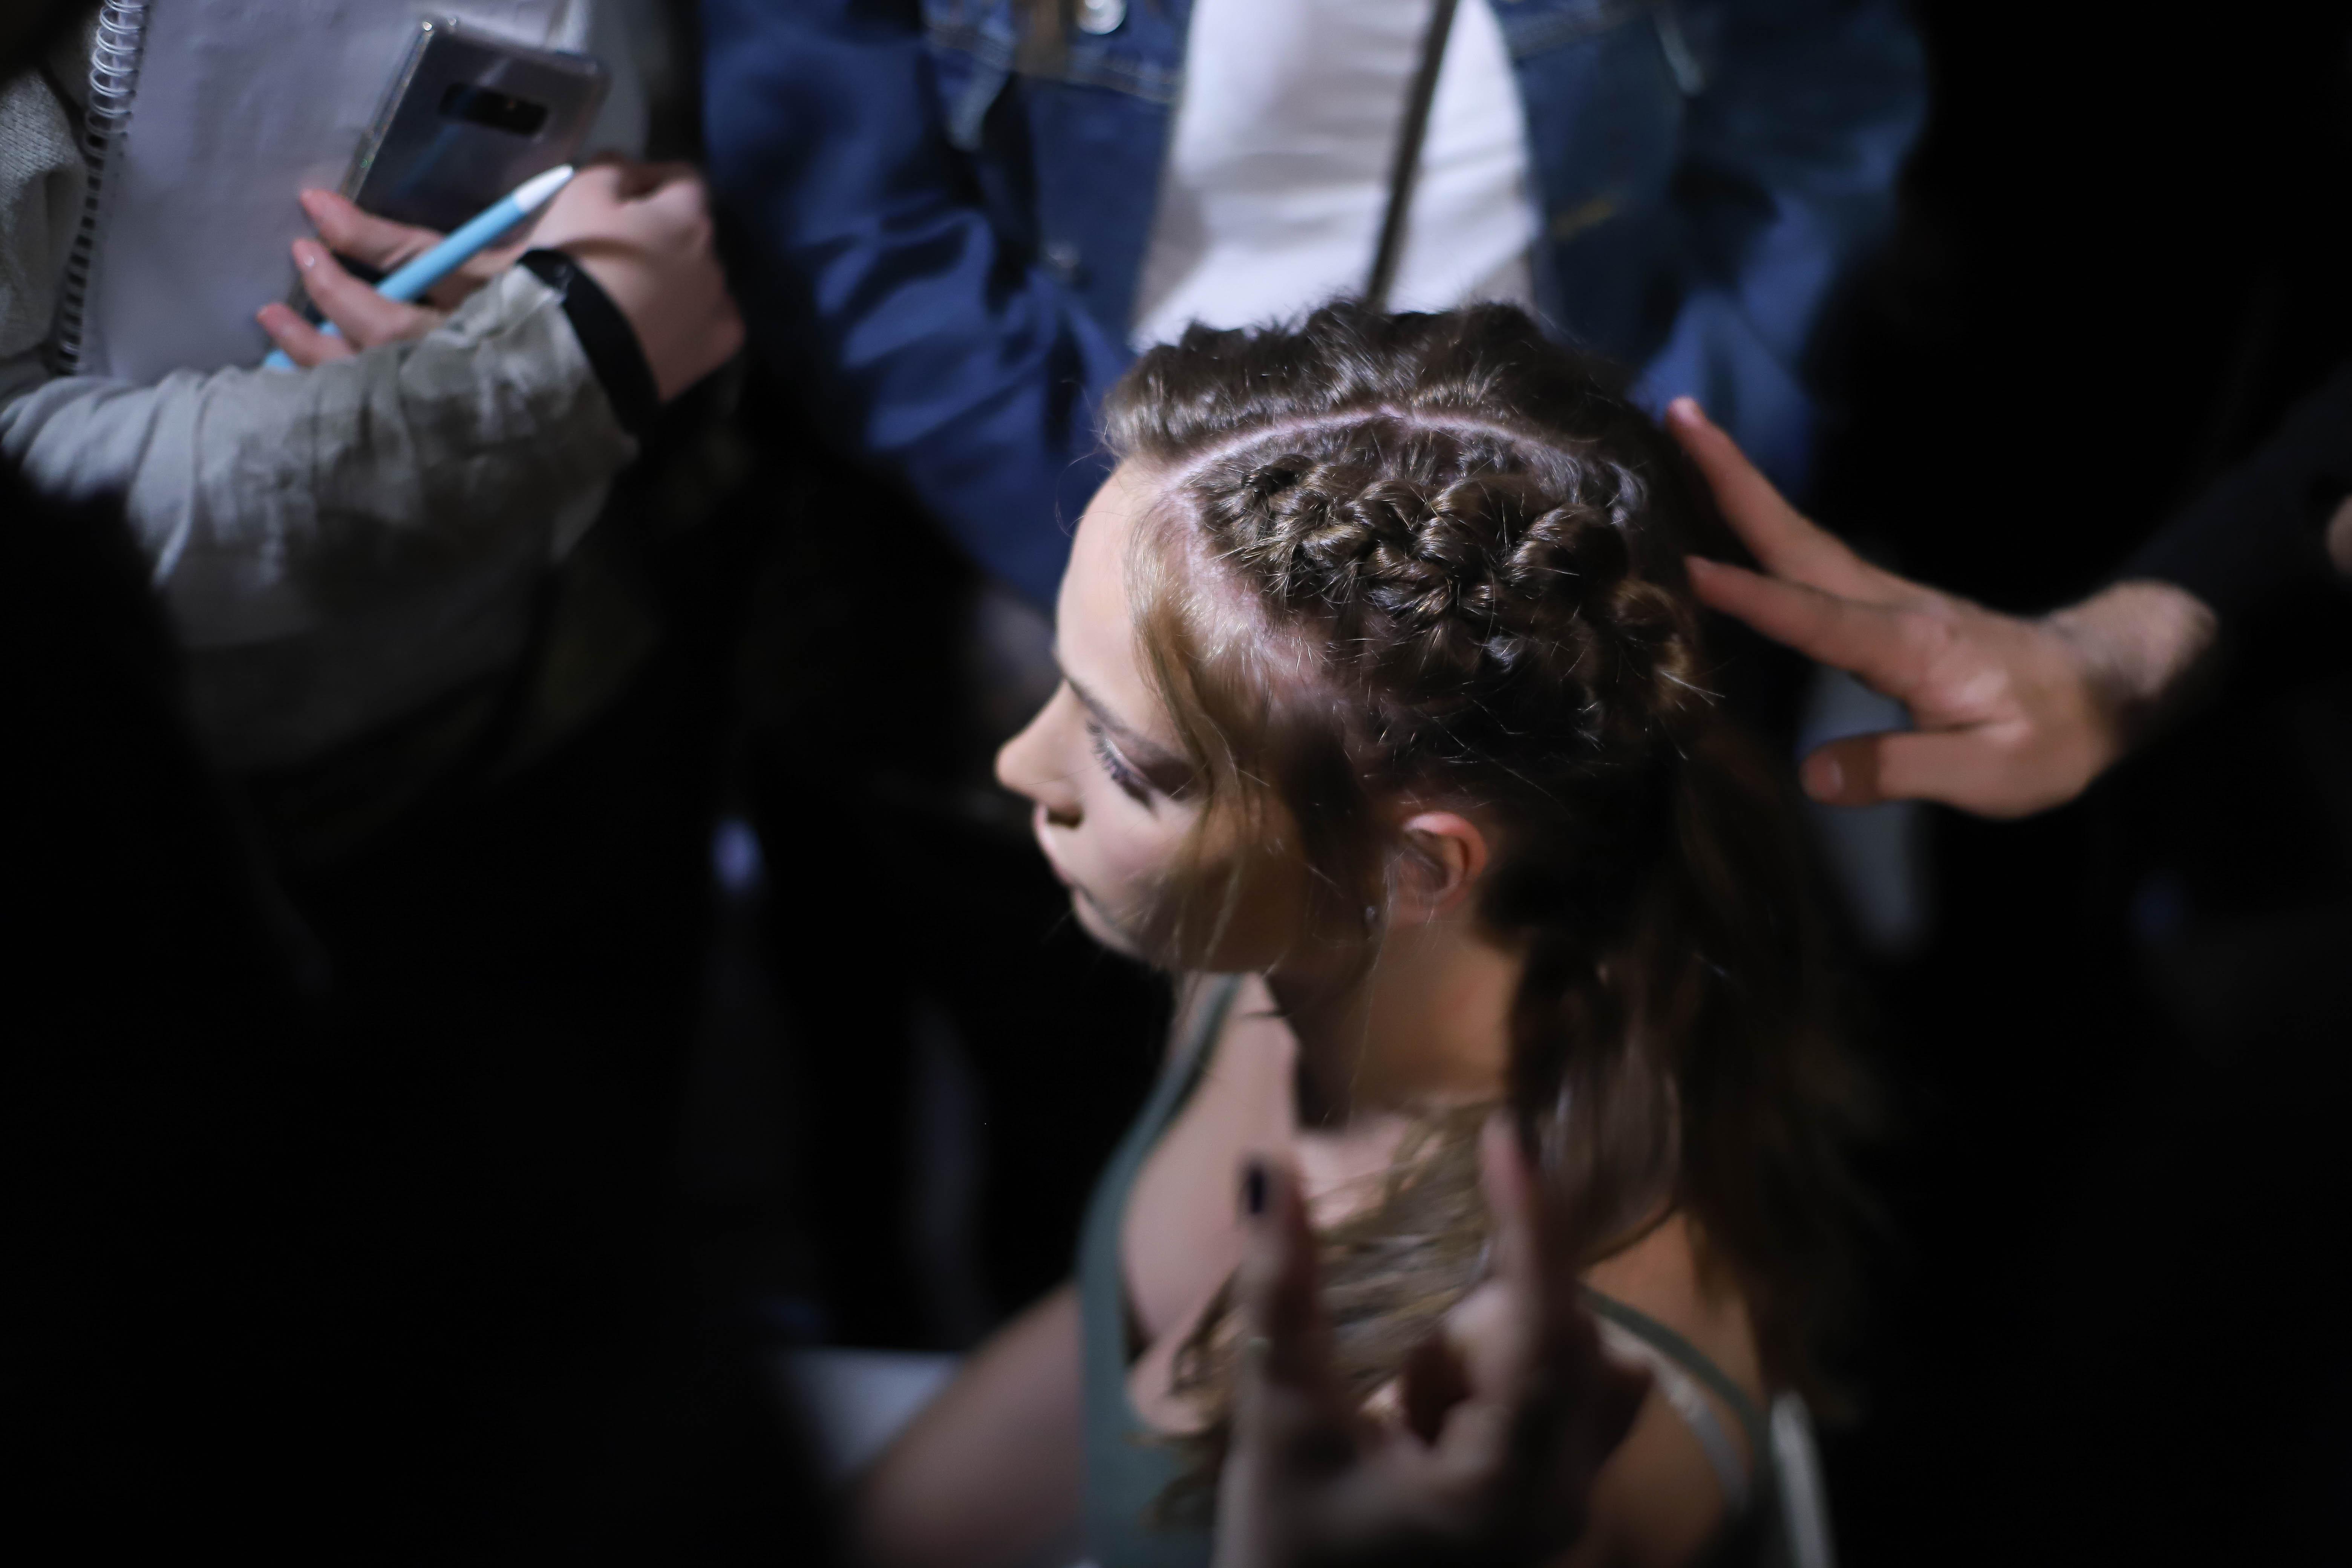 שוורצקופף פרופשיונל בשיתוף פעולה אסטרטגי עם מעצב השיער חן מוגרבי צילום- פיפל פוטוגרפי.